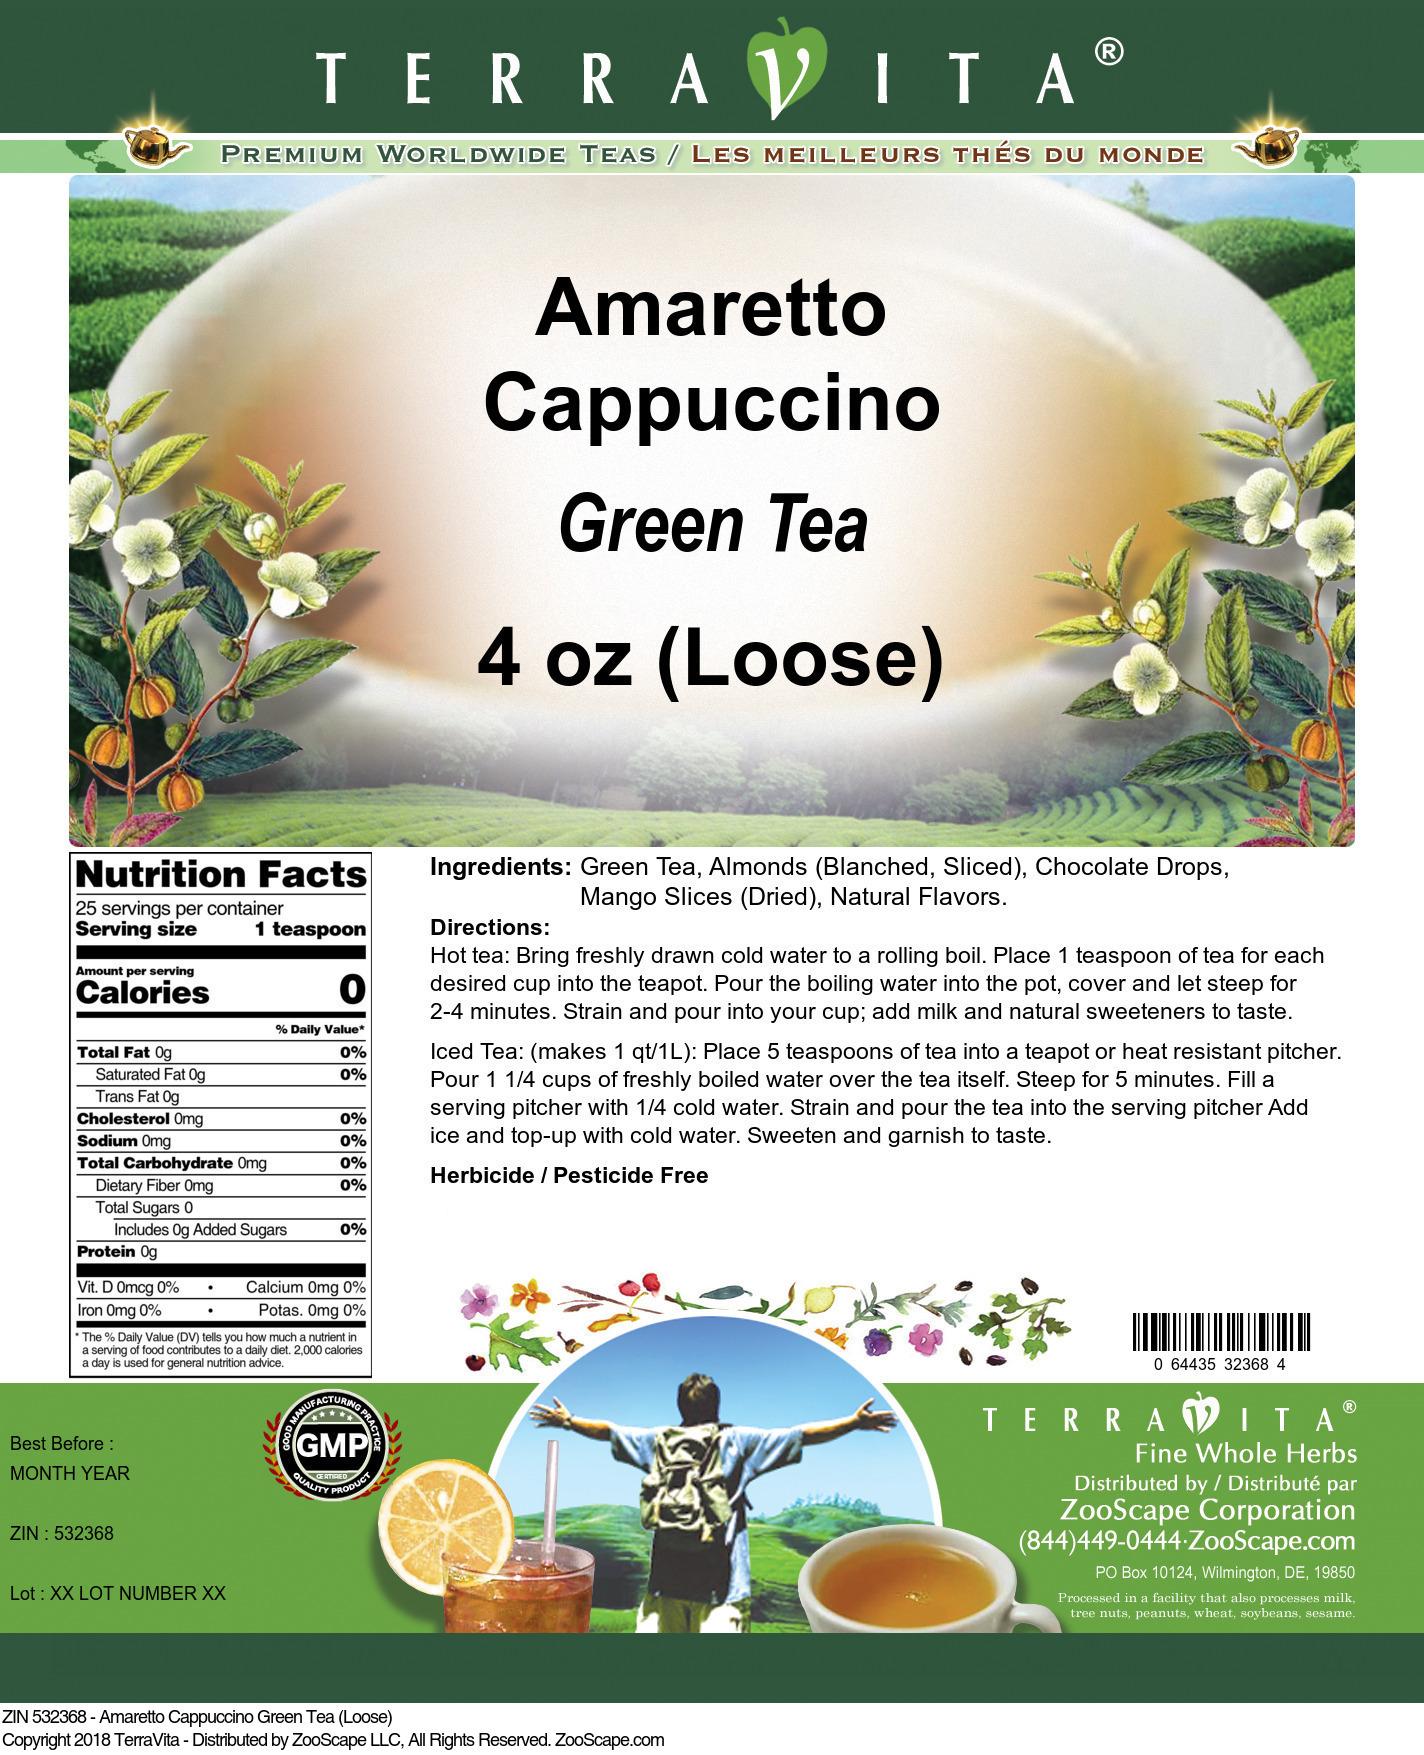 Amaretto Cappuccino Green Tea (Loose)